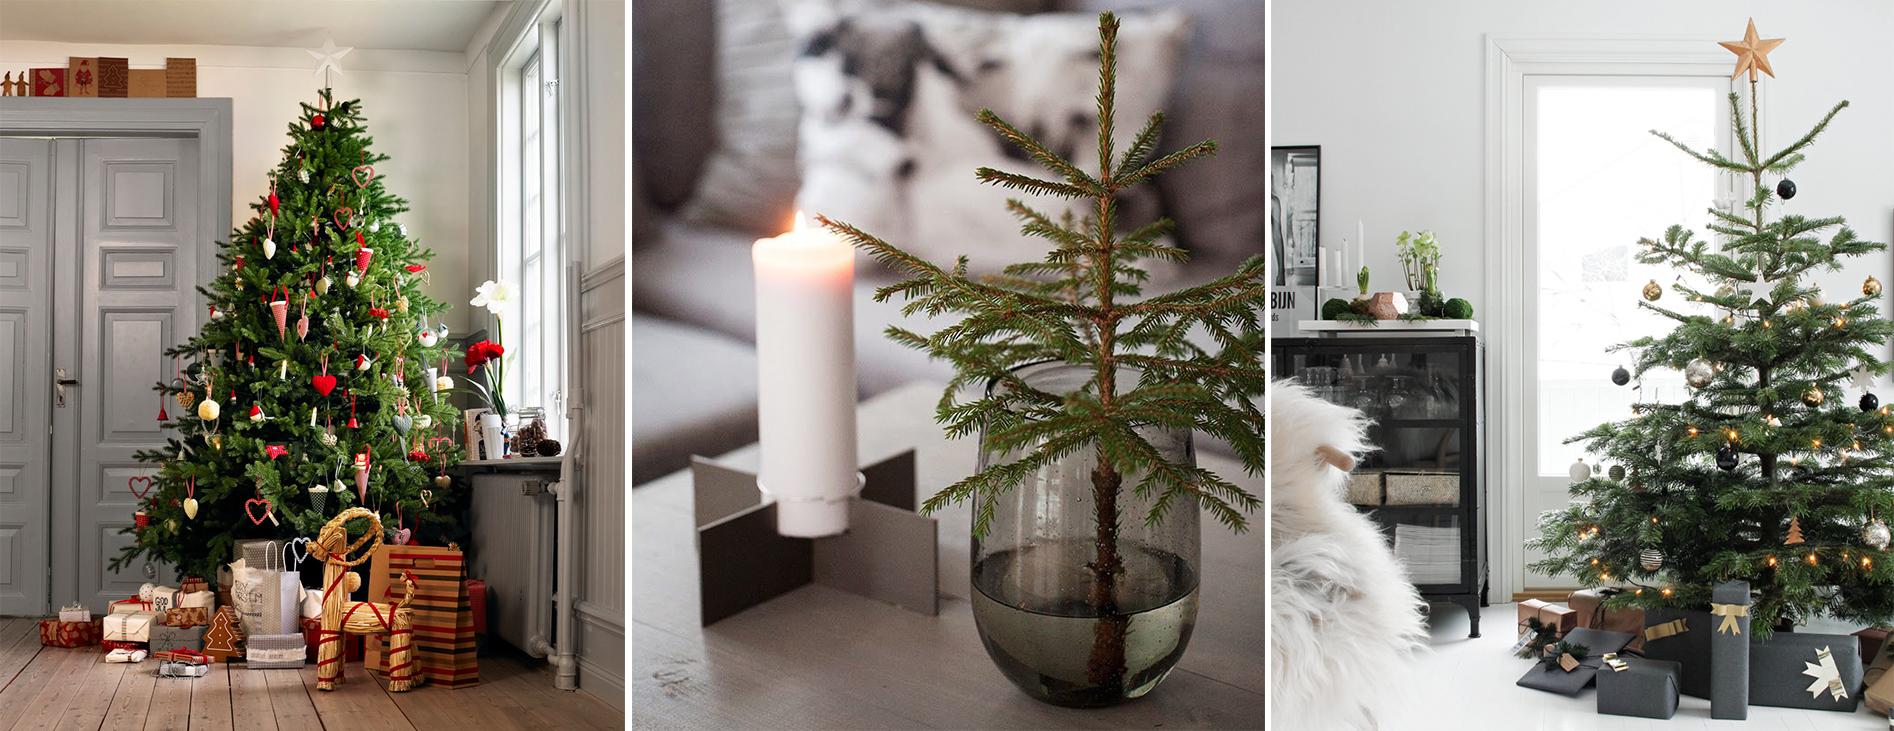 10 vackra granar att inspireras av i jul